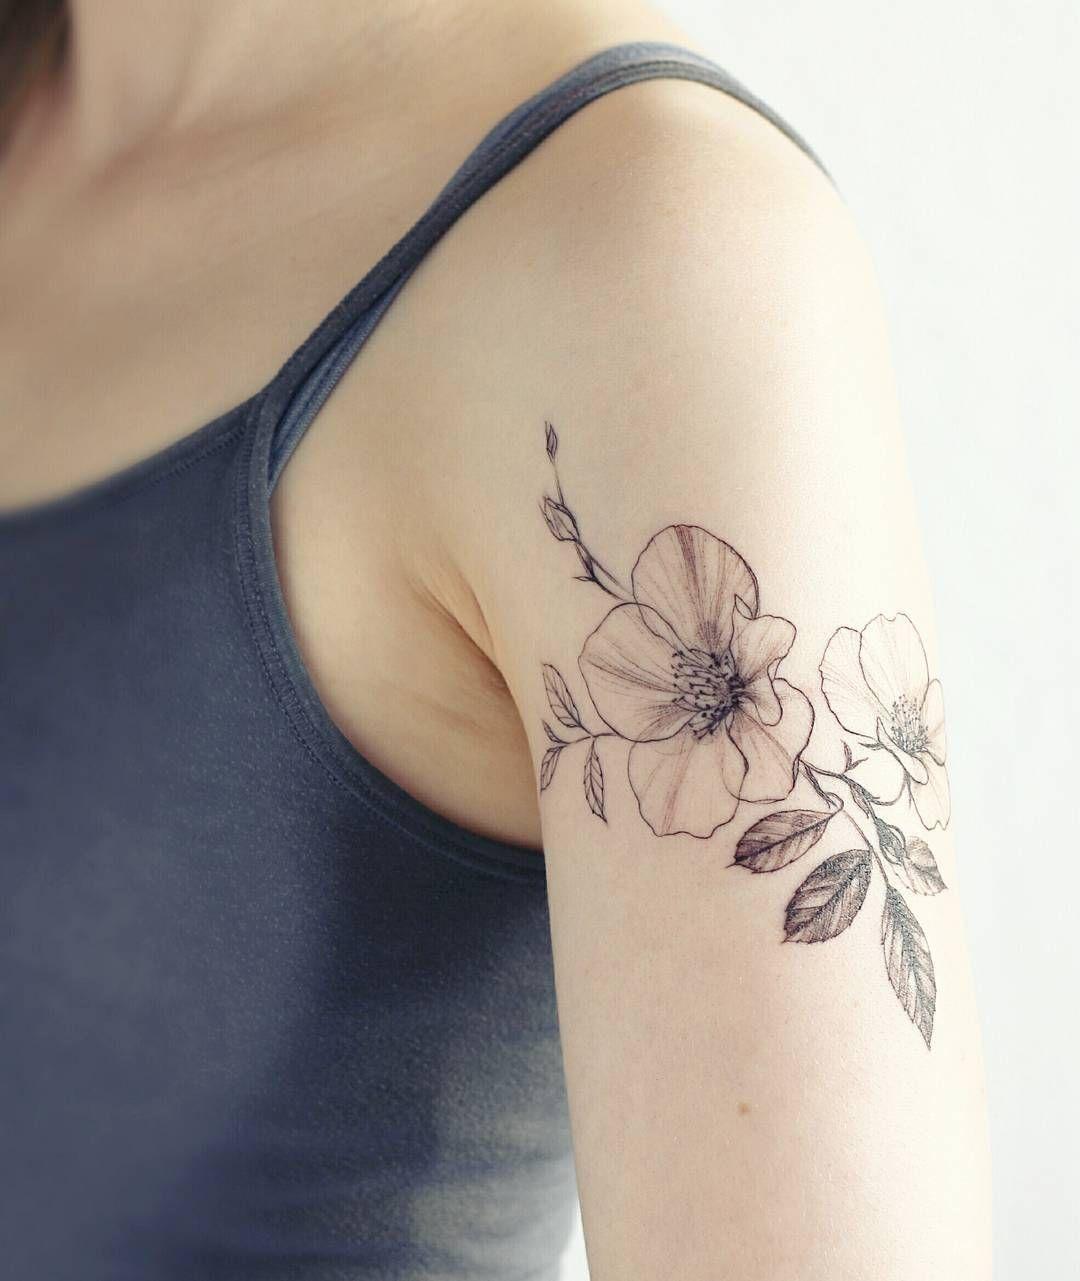 Delicate Wild Rose Tattoo By Tattooist Flower Verena Erin My Green Closet Verenaerin Flowertattoo Wild Rose Tattoo Flower Tattoo Shoulder Tattoos